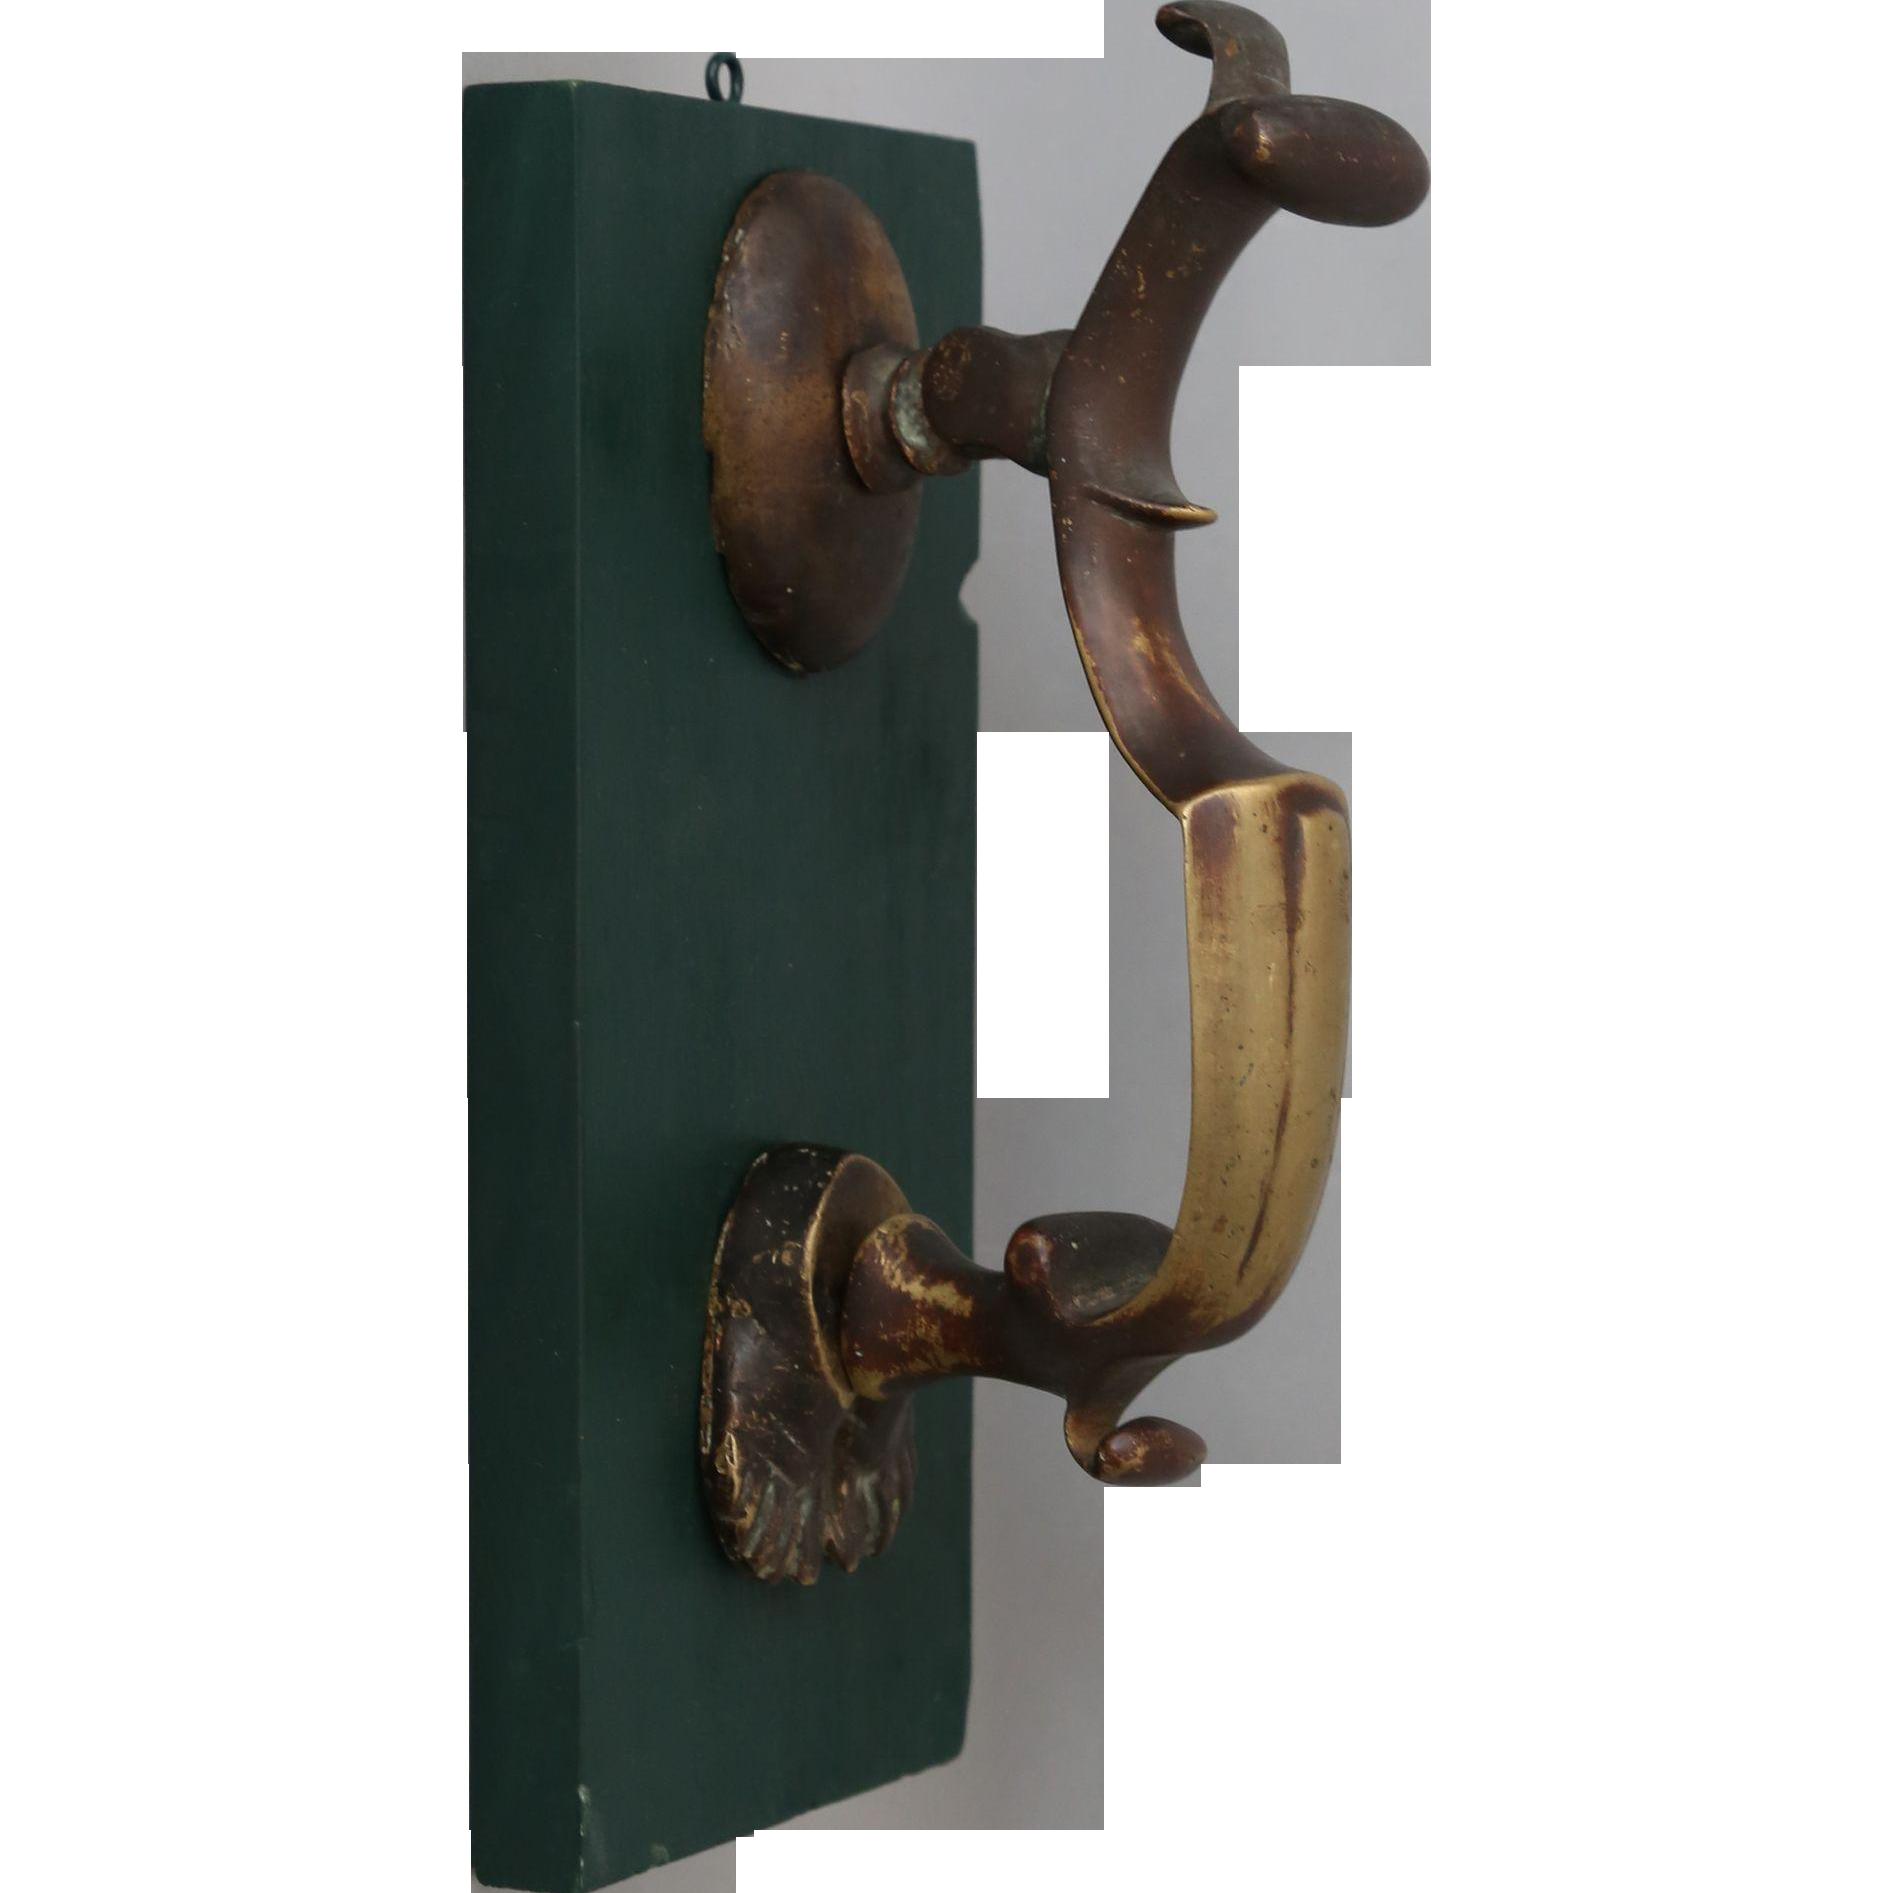 Antique georgian brass door knocker from englandscountrytreasures on ruby lane - Antique brass door knocker ...